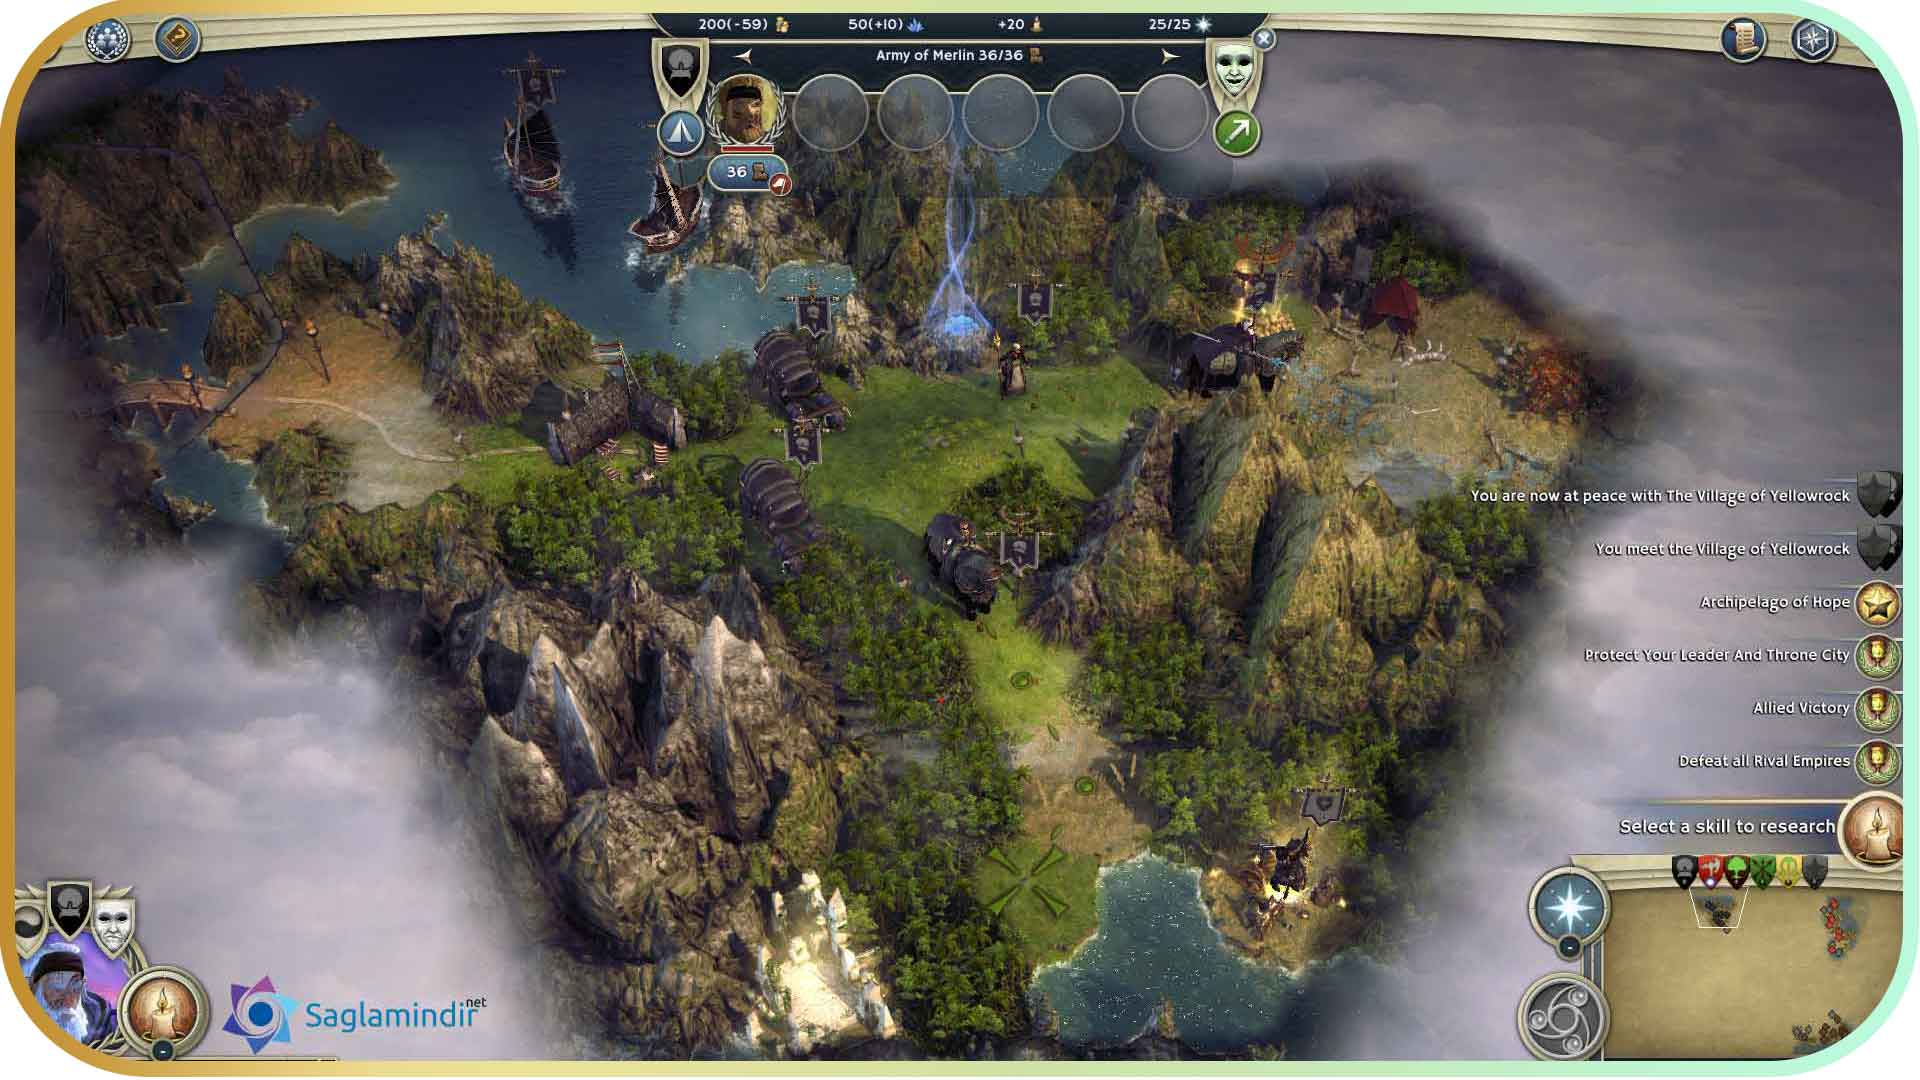 Age of Wonders 3 saglamindir